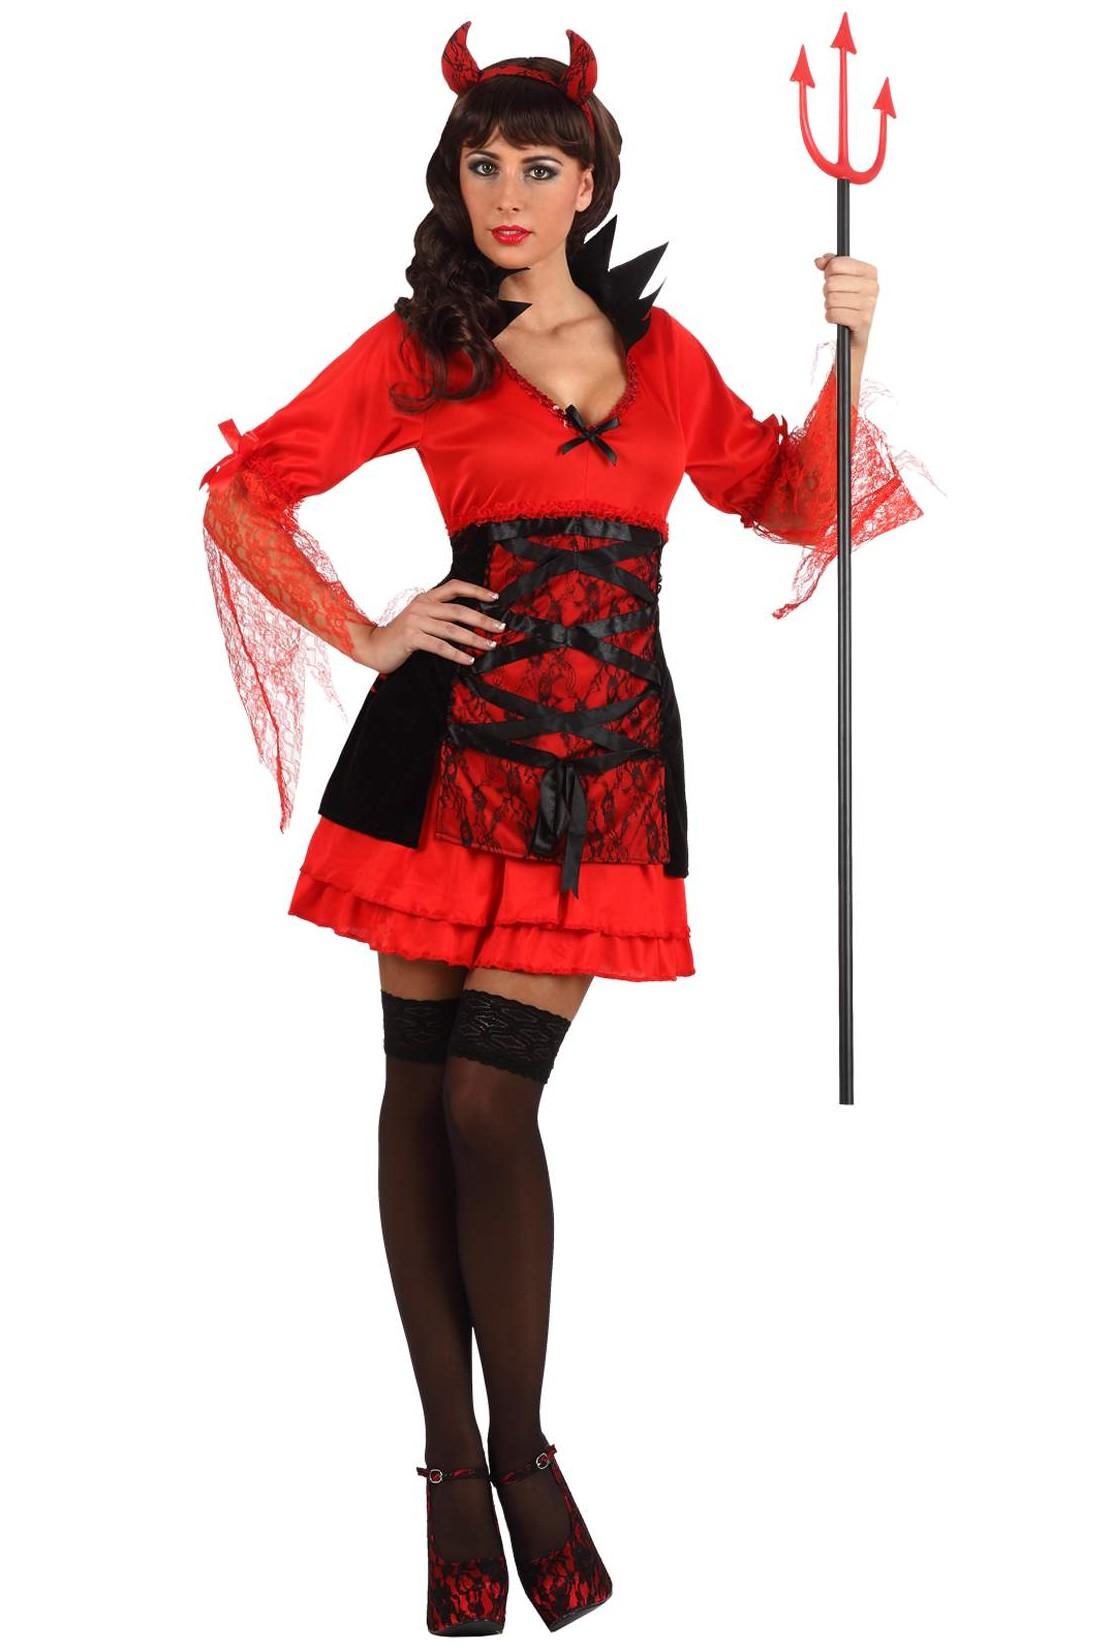 ... démon sexy femme : Costume diablesse pas cher - Soirée Halloween